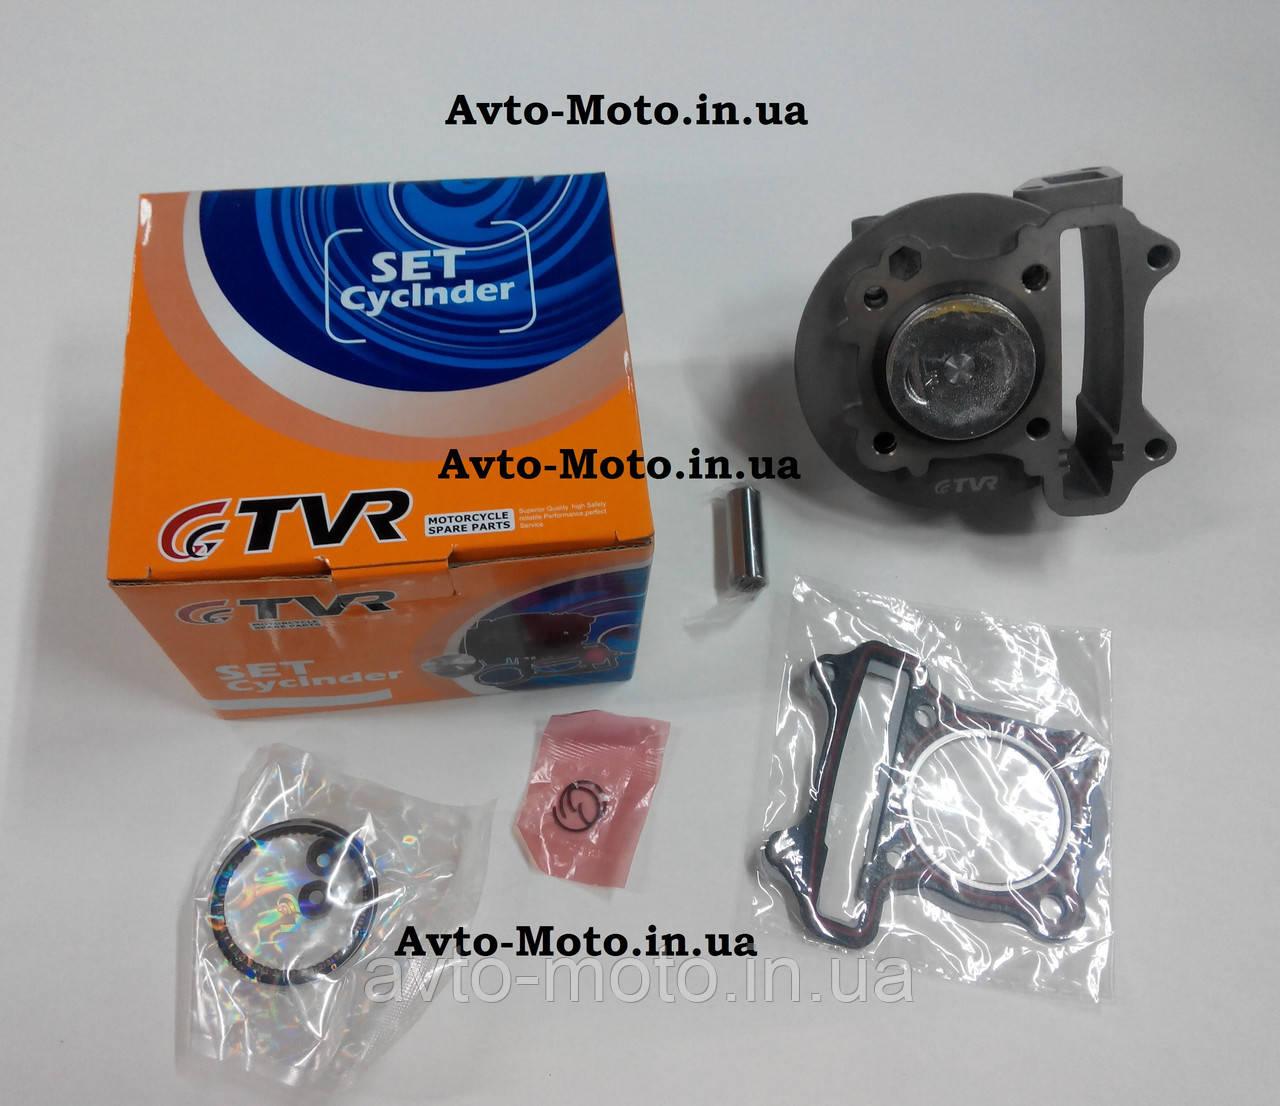 Поршневая скутера в сборе GY6-60  диам 44 мм TVR